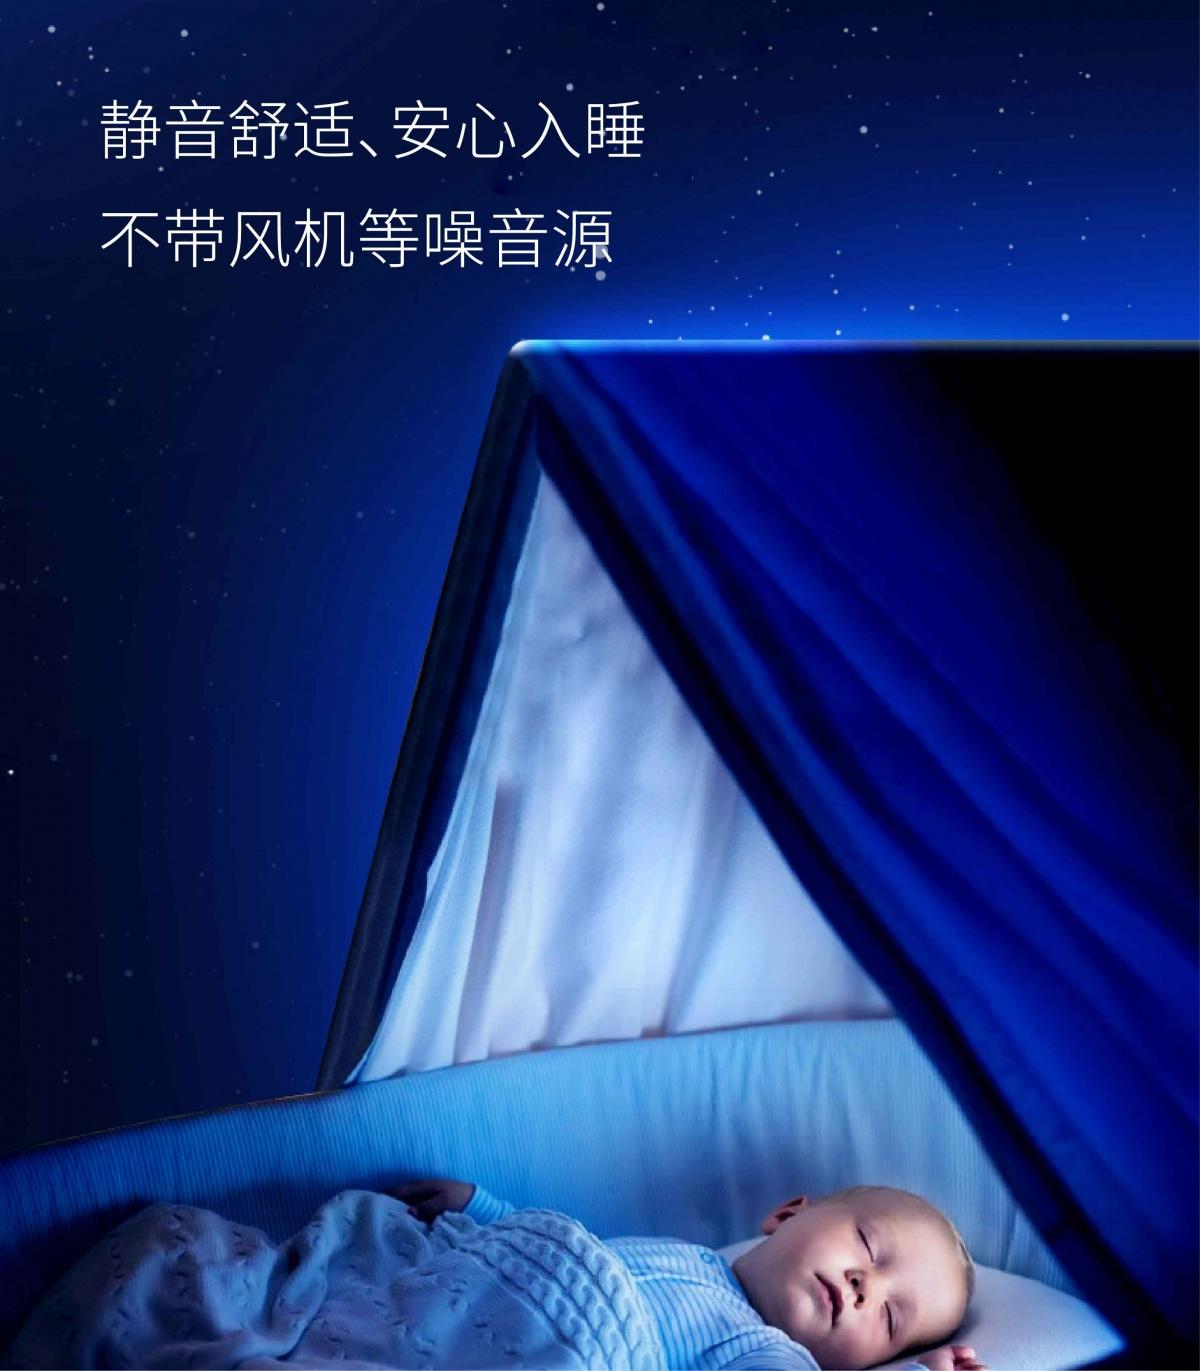 锘緾AP璇︽儏椤_CAP璇︽儏椤_09.jpg